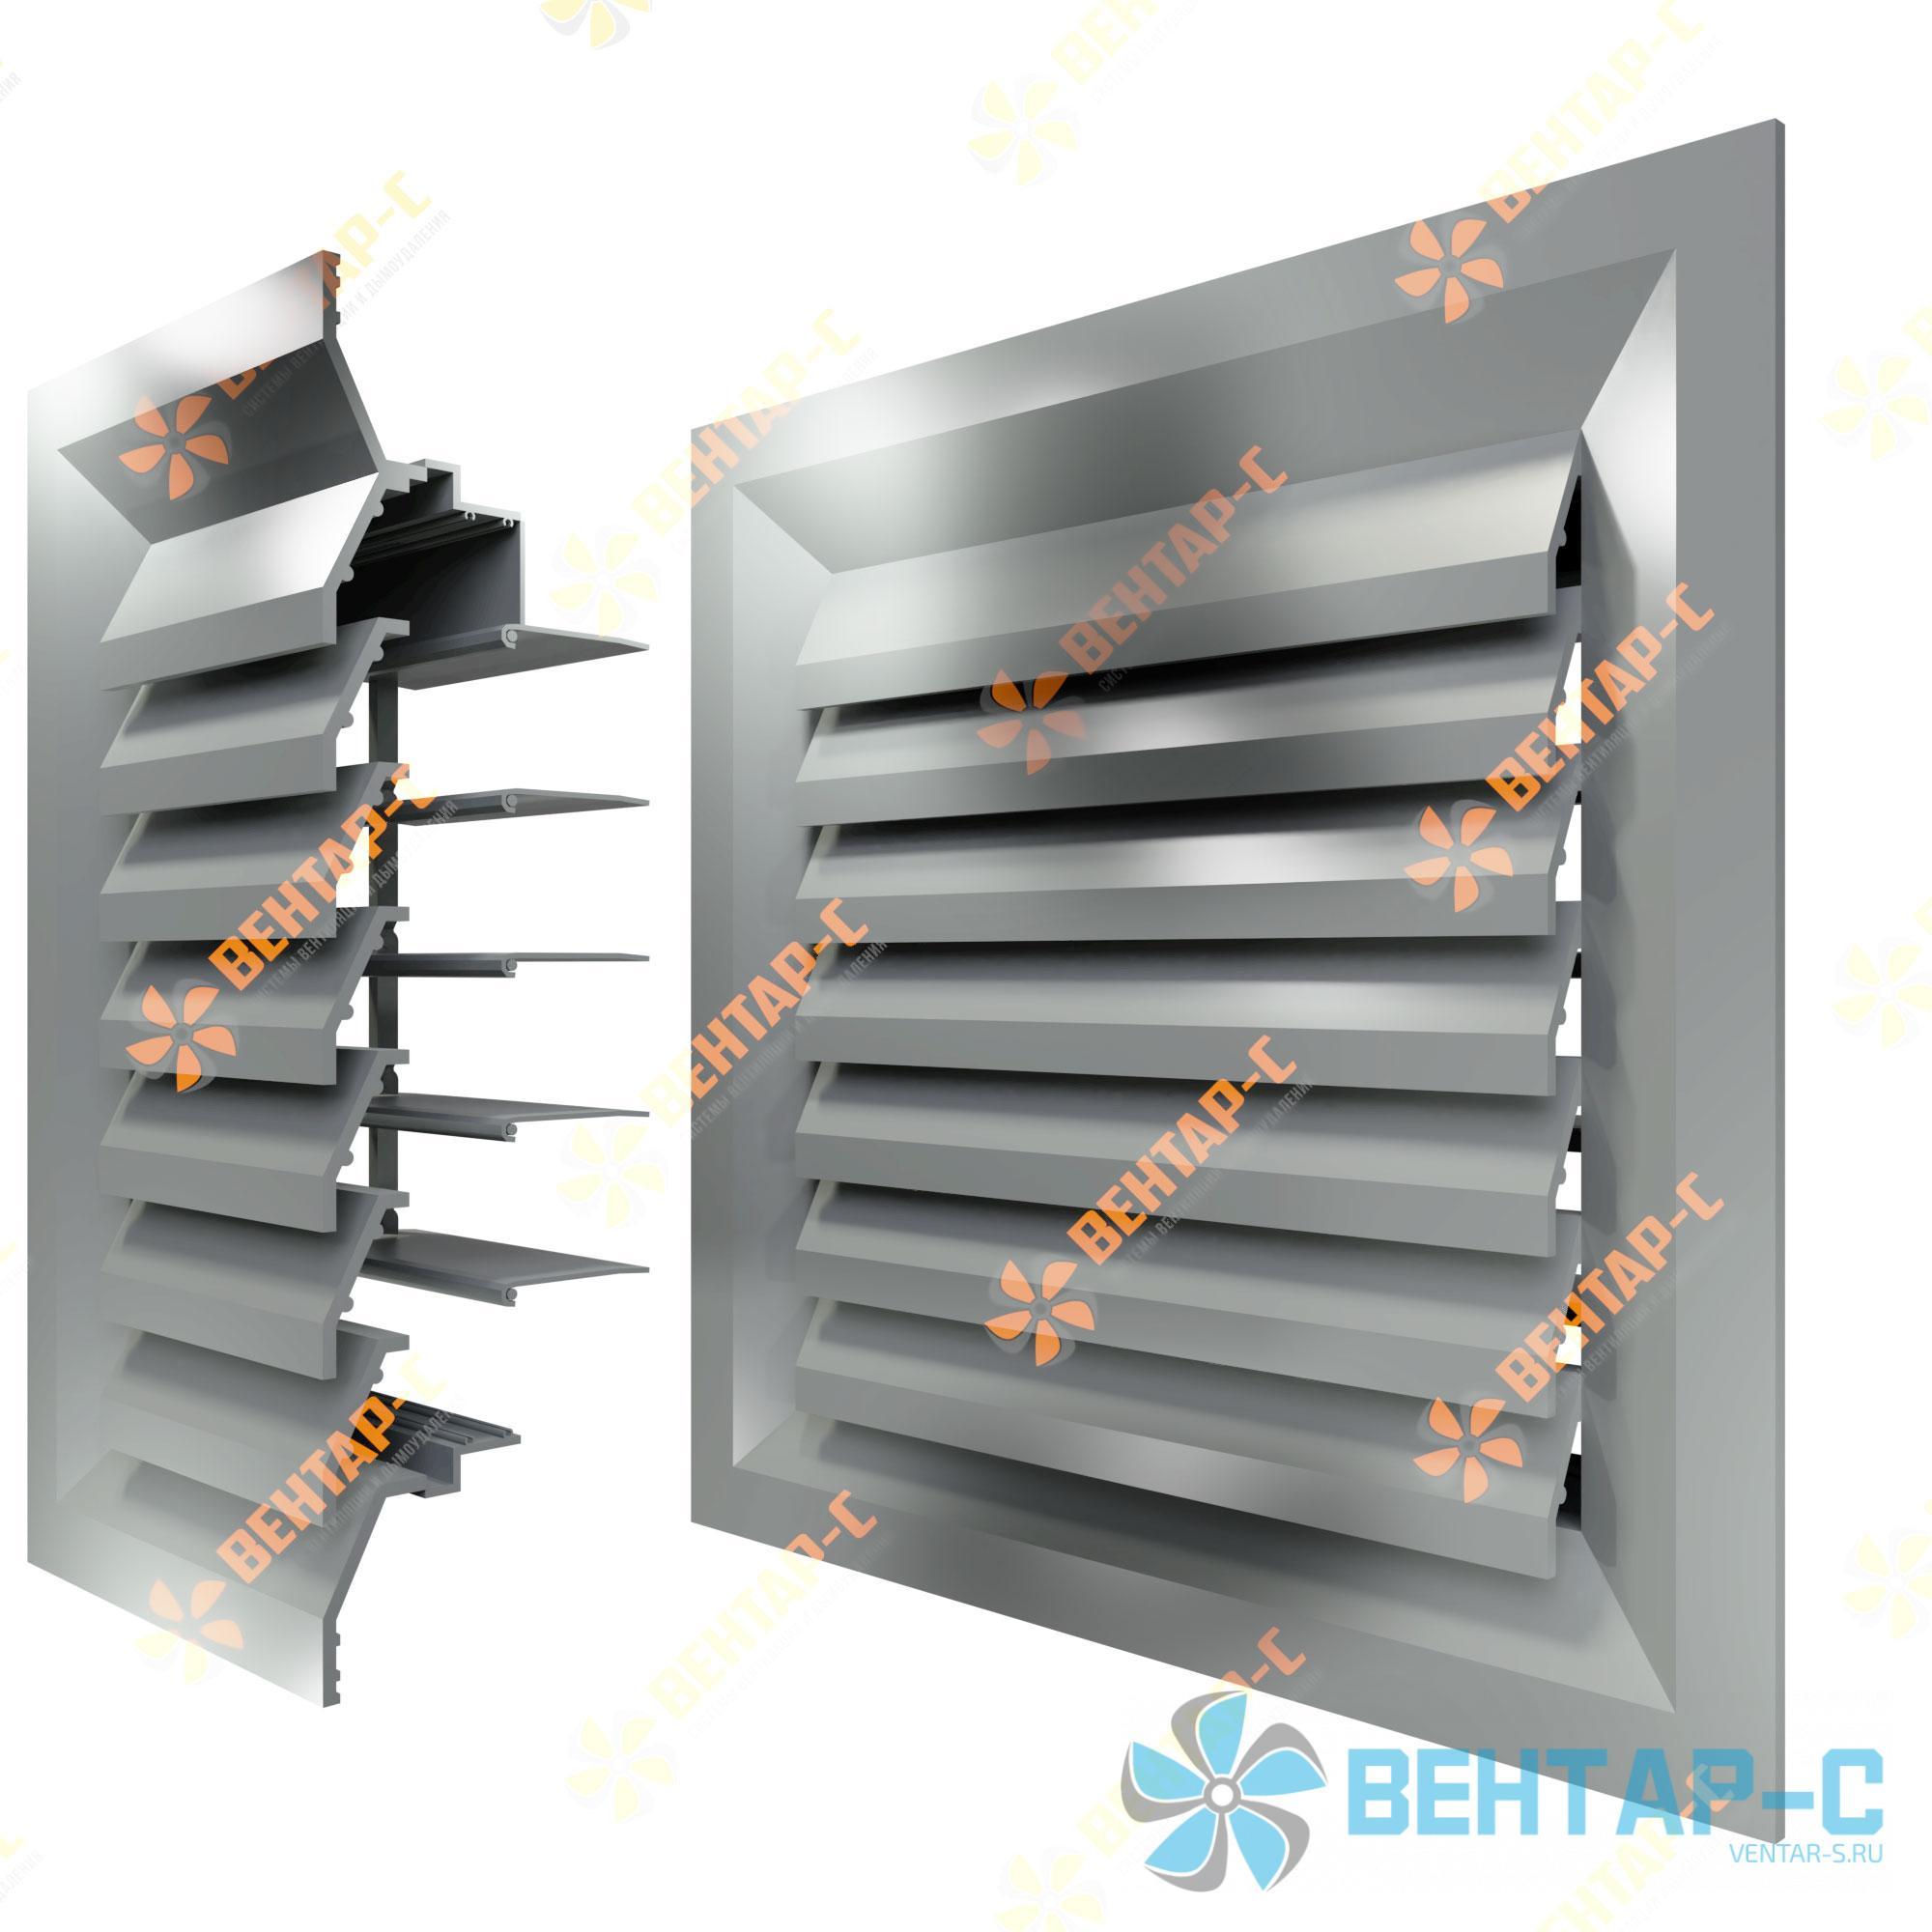 Потолочная вентиляционная решетка 1РПБ с блоком регулировки воздуха